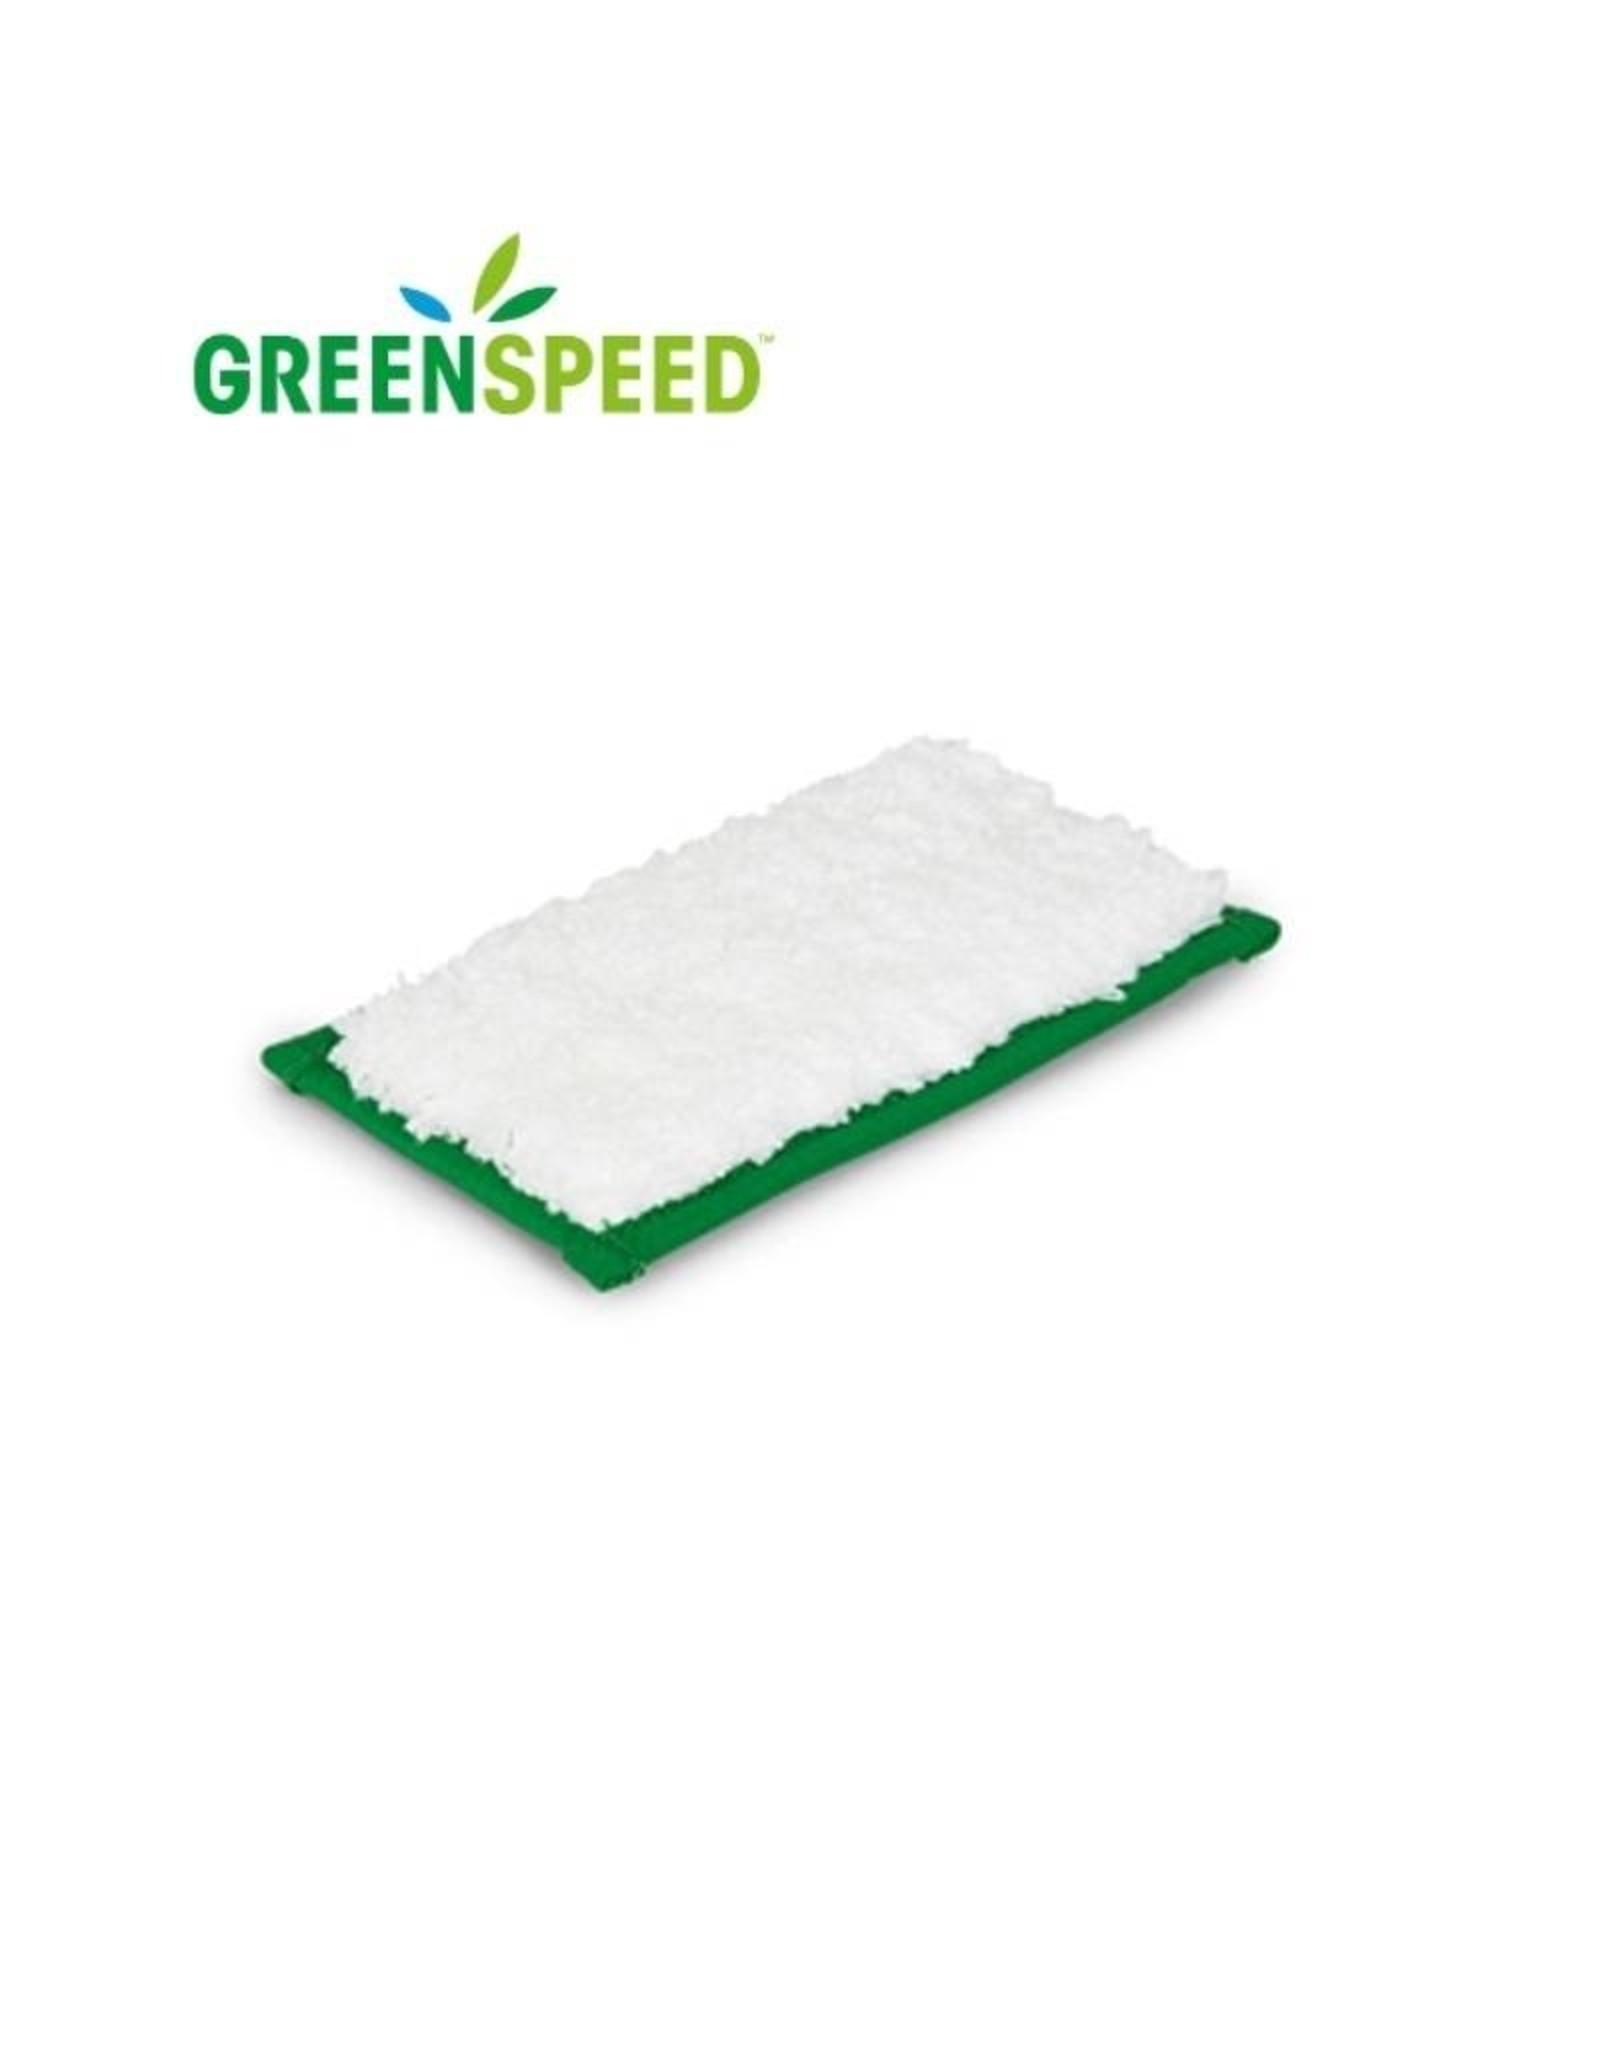 Greenspeed Minipad wit, voor het plaatselijk verwijderen van vlekken uit tapijt/textiel